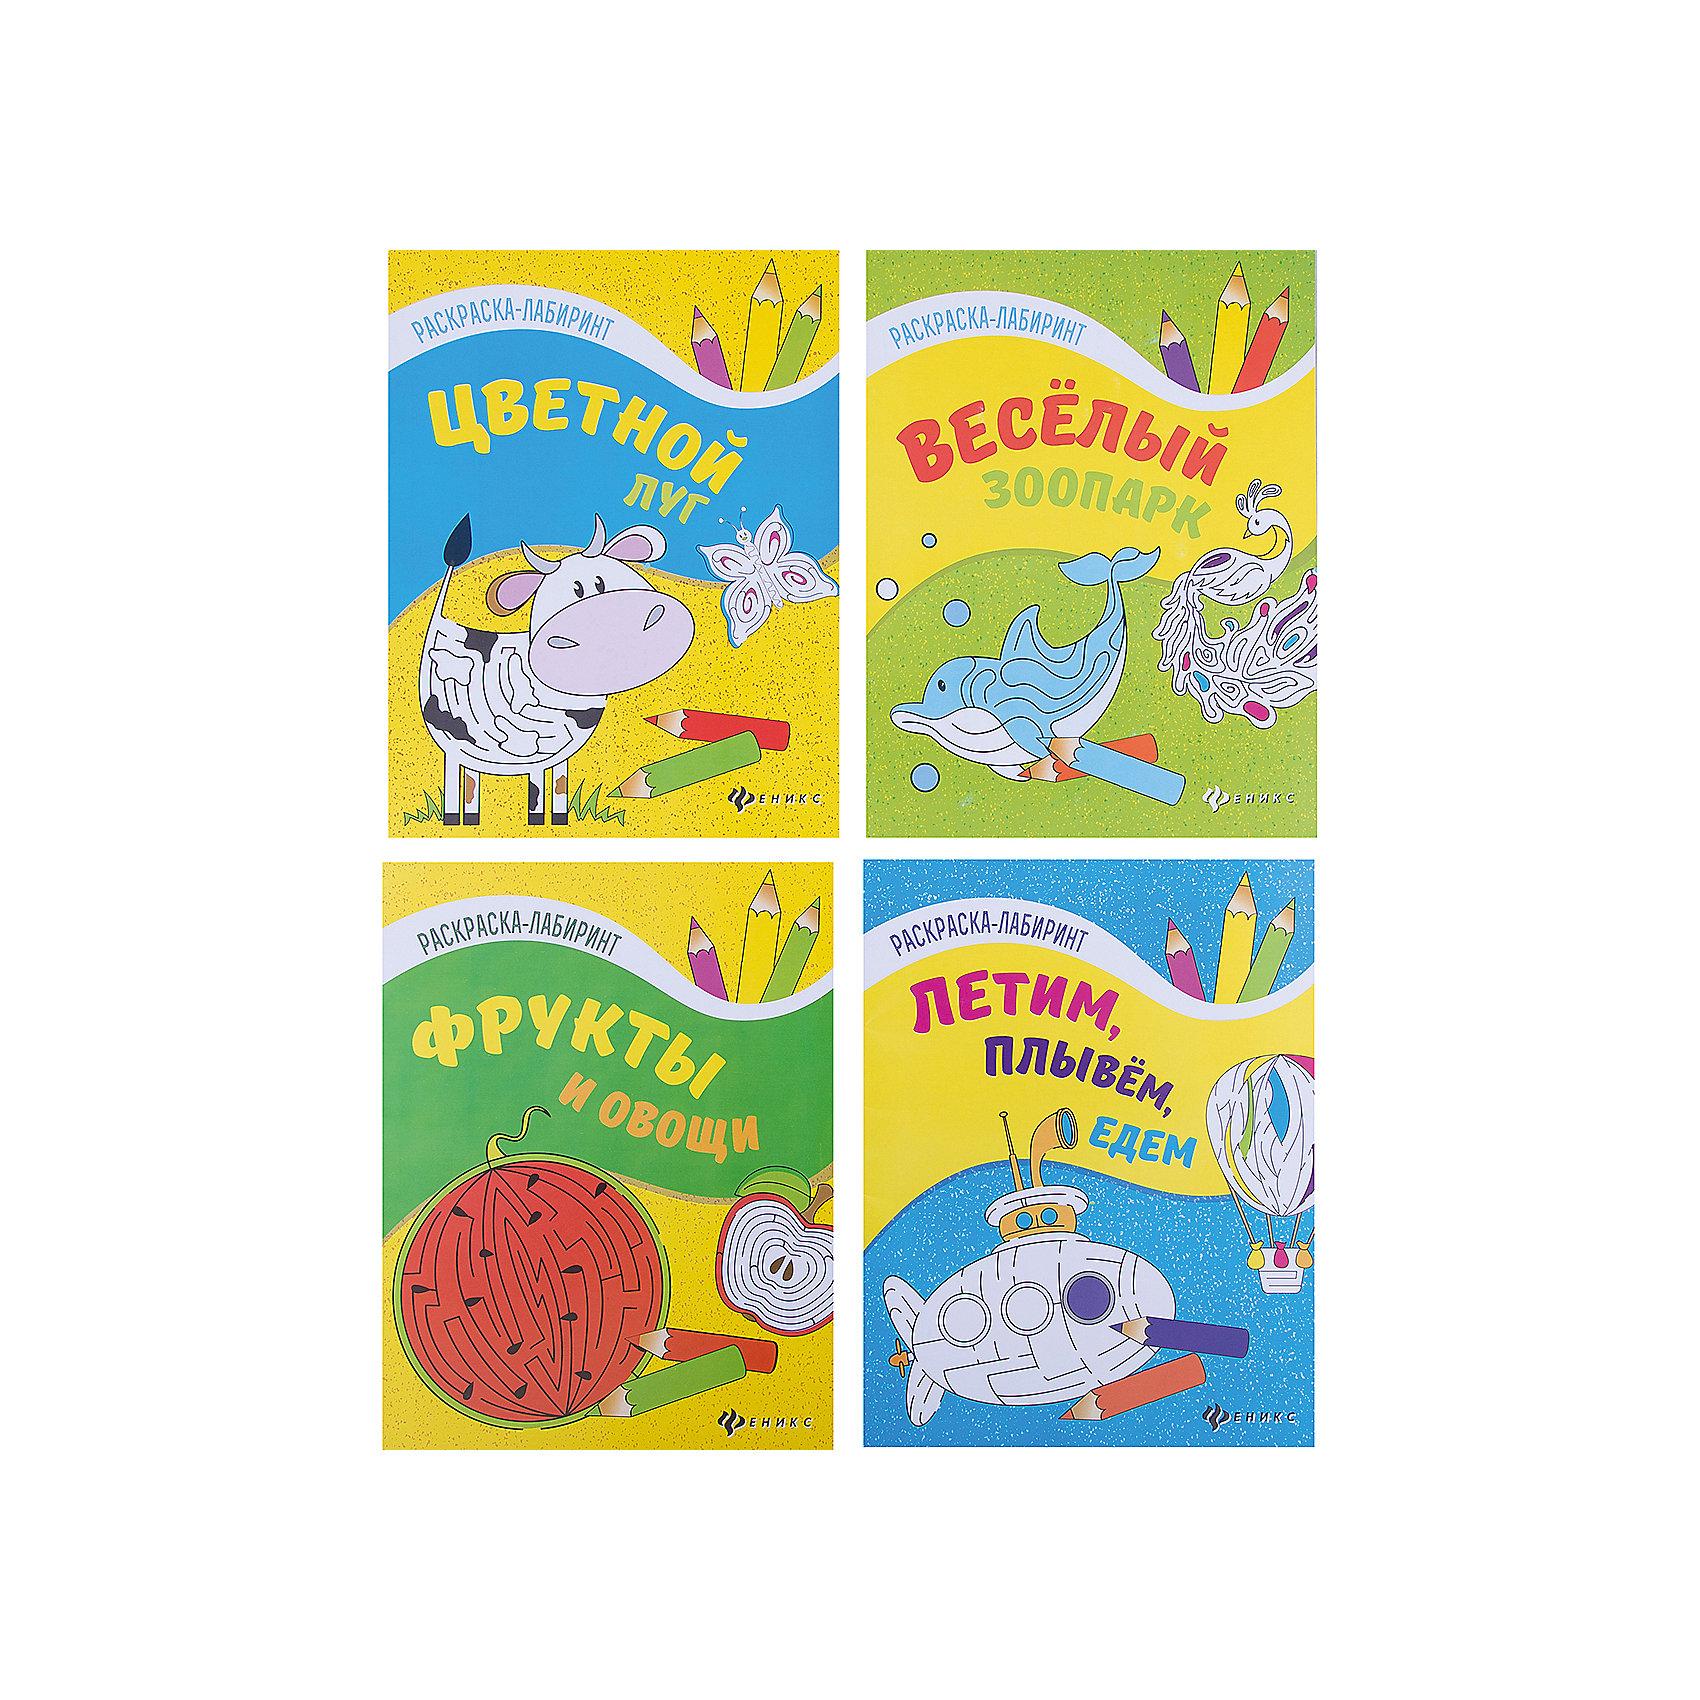 Комплект раскрасок для малышейРаскраски по номерам<br>Характеристики:<br><br>• ISBN: 978-5-222-28324-0;<br>• ISBN: 978-5-222-28321-9;<br>• ISBN: 978-5-222-28323-3;<br>• ISBN: 978-5-222-28322-6;<br>• возраст: с 2 лет;<br>• формат: 84х108/16;<br>• бумага: офсет;<br>• тип обложки: мягкий переплет (крепление скрепкой или клеем);<br>• иллюстрации: черно-белые и цветные;<br>• серия: Раскраска-лабиринт;<br>• издательство: Феникс, 2017 г.;<br>• количество страниц в книге: 8;<br>• размеры книги: 26,1х19,8х0,1 см;<br>• масса книги: 38 г.<br><br>В набор входит 4 книжки: <br><br>• «Фрукты и овощи. Книжка-раскраска»;<br>• «Цветной луг. Книжка-раскраска»;<br>• «Летим, плывем, едем. Книжка-раскраска»;<br>• «Веселый зоопарк. Книжка-раскраска».<br><br>Красочные раскраски предназначены для малышей от двух лет. Контуры рисунков четкие и яркие, поэтому их легко можно заполнить нужным цветом.<br><br>Кроме рисунков в книжках есть интересные лабиринты. Веселые тематические раскраски способствуют развитию мелкой моторики. Мальчики и девочки познакомятся с животными и техникой, выучат цвета и фигуры.<br><br>Набор книг «Фрукты и овощи + Цветной луг + Летим, плывем, едем + Веселый зоопарк. Книжка-раскраска», Баннова В., Феникс, можно купить в нашем интернет-магазине.<br><br>Ширина мм: 260<br>Глубина мм: 197<br>Высота мм: 40<br>Вес г: 456<br>Возраст от месяцев: 24<br>Возраст до месяцев: 2147483647<br>Пол: Унисекс<br>Возраст: Детский<br>SKU: 6873698